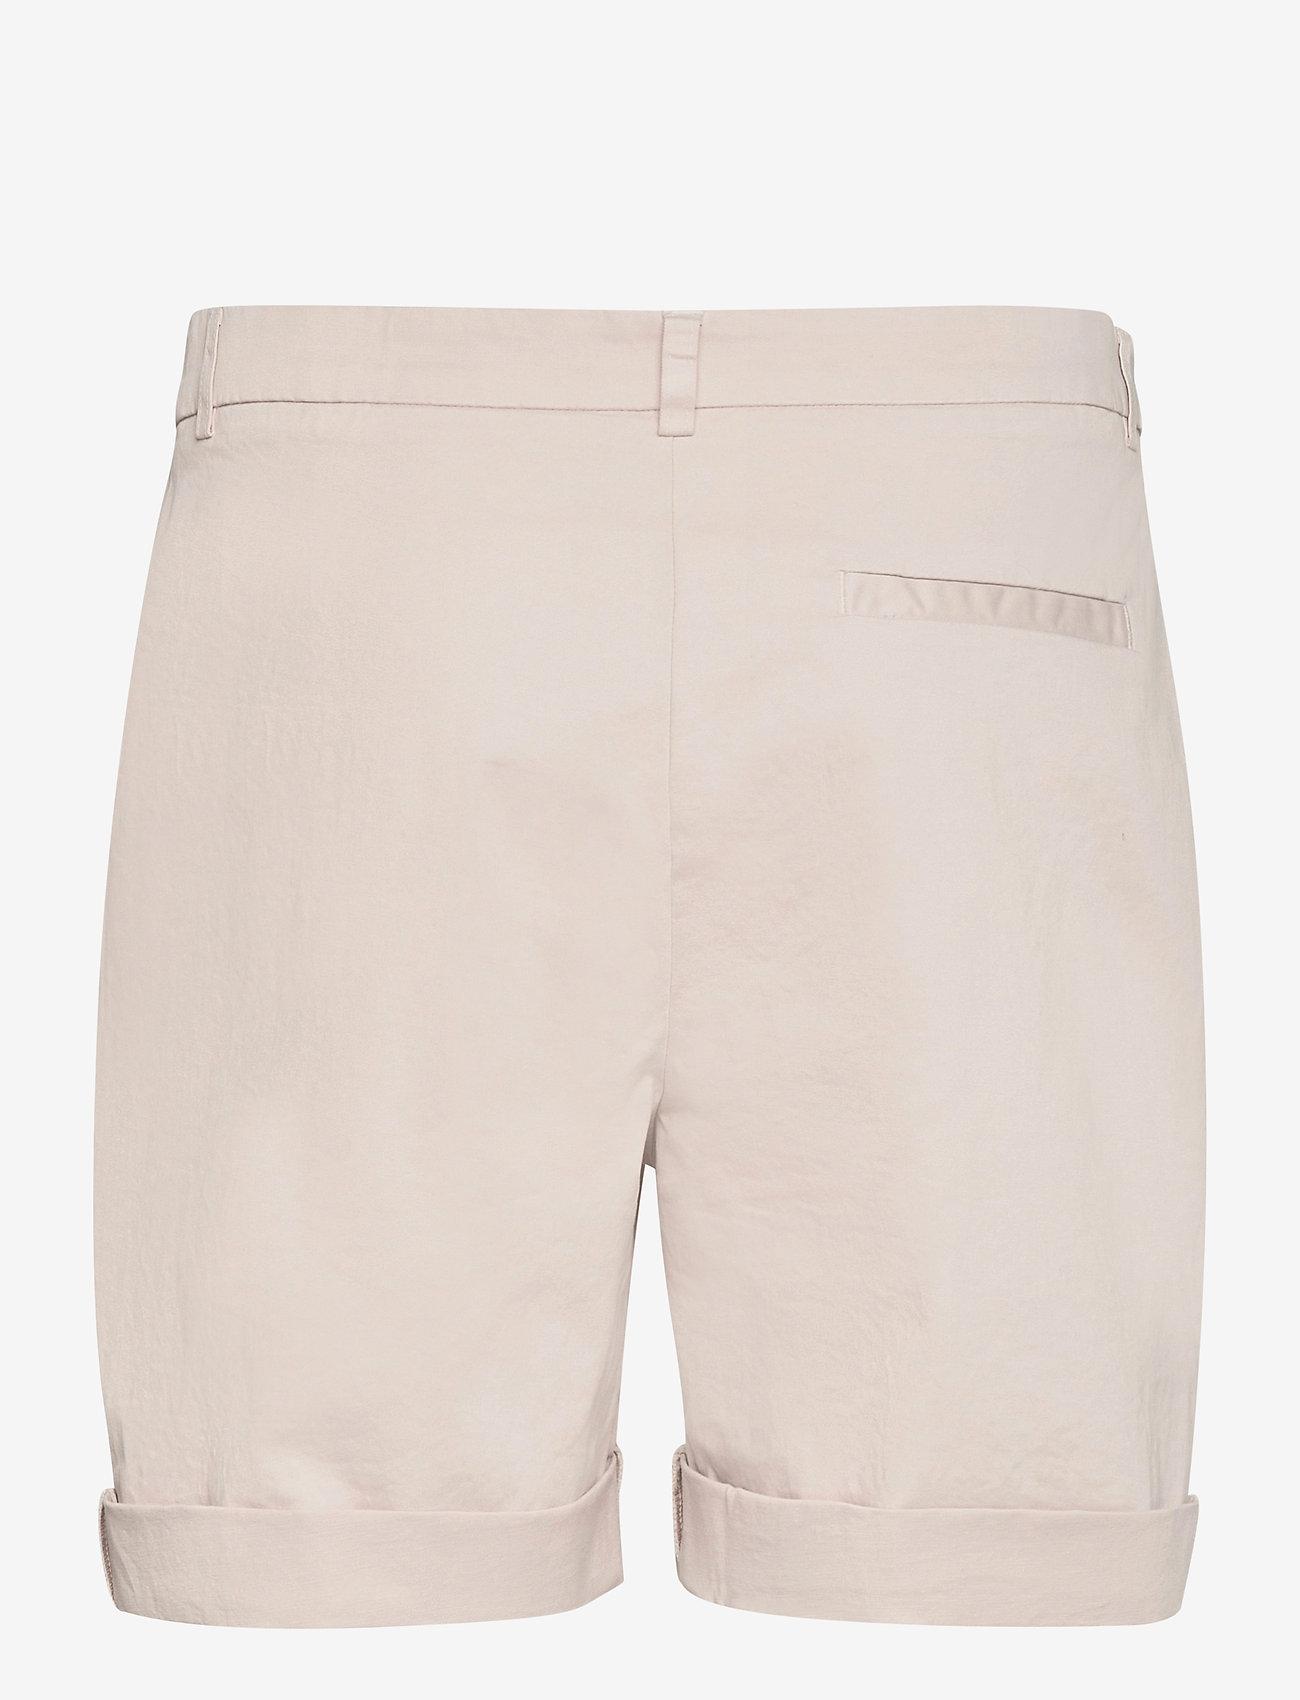 Rabens Saloner - Calina - chino shorts - off white - 1